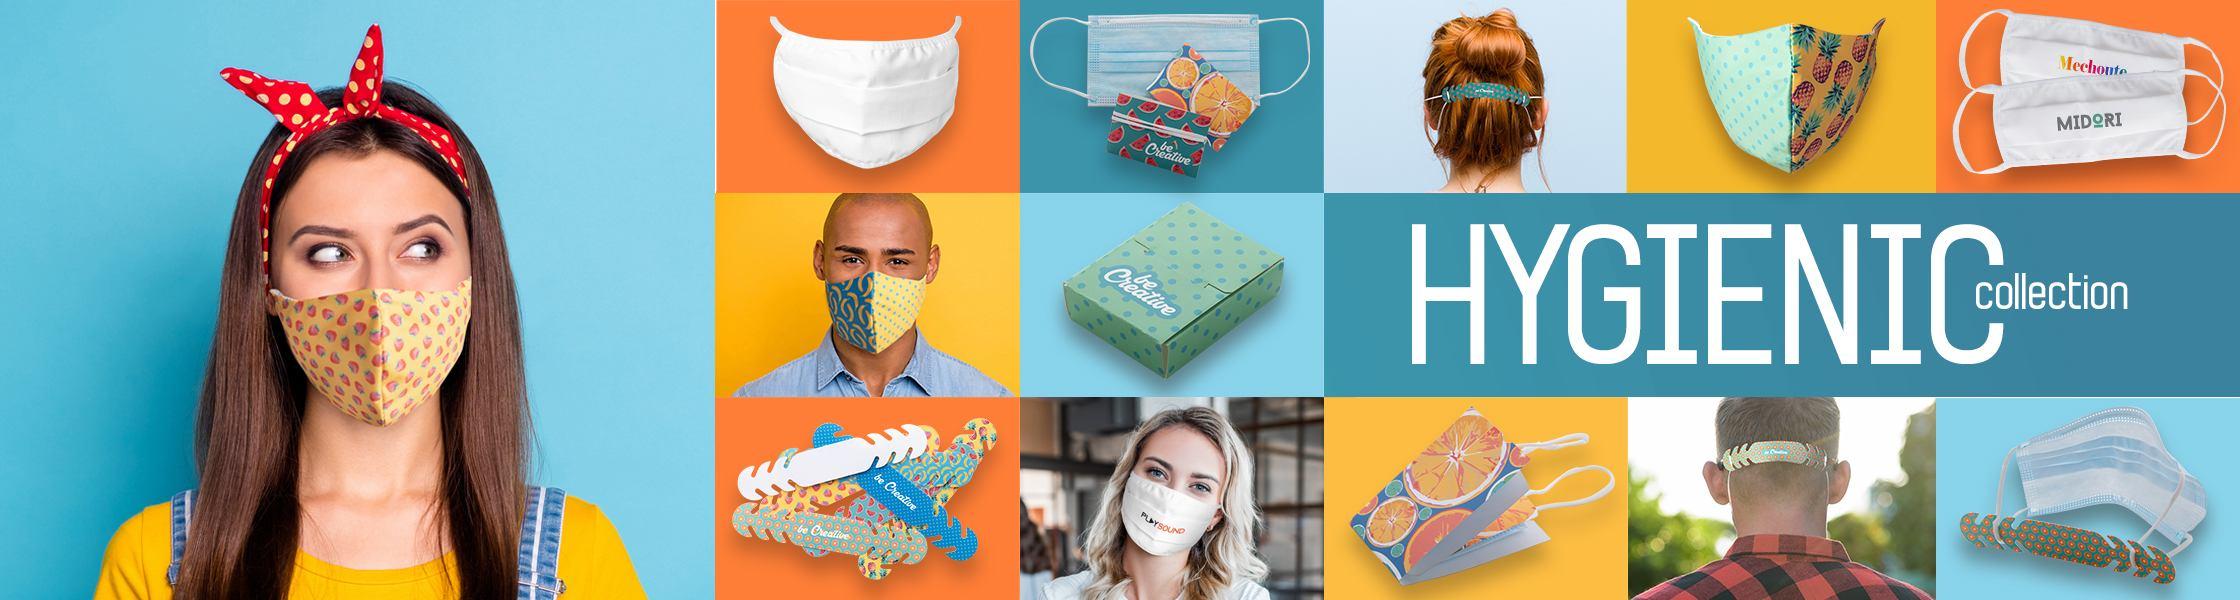 Nepostradatelné produkty, které pomáhají chránit vaše zdraví!